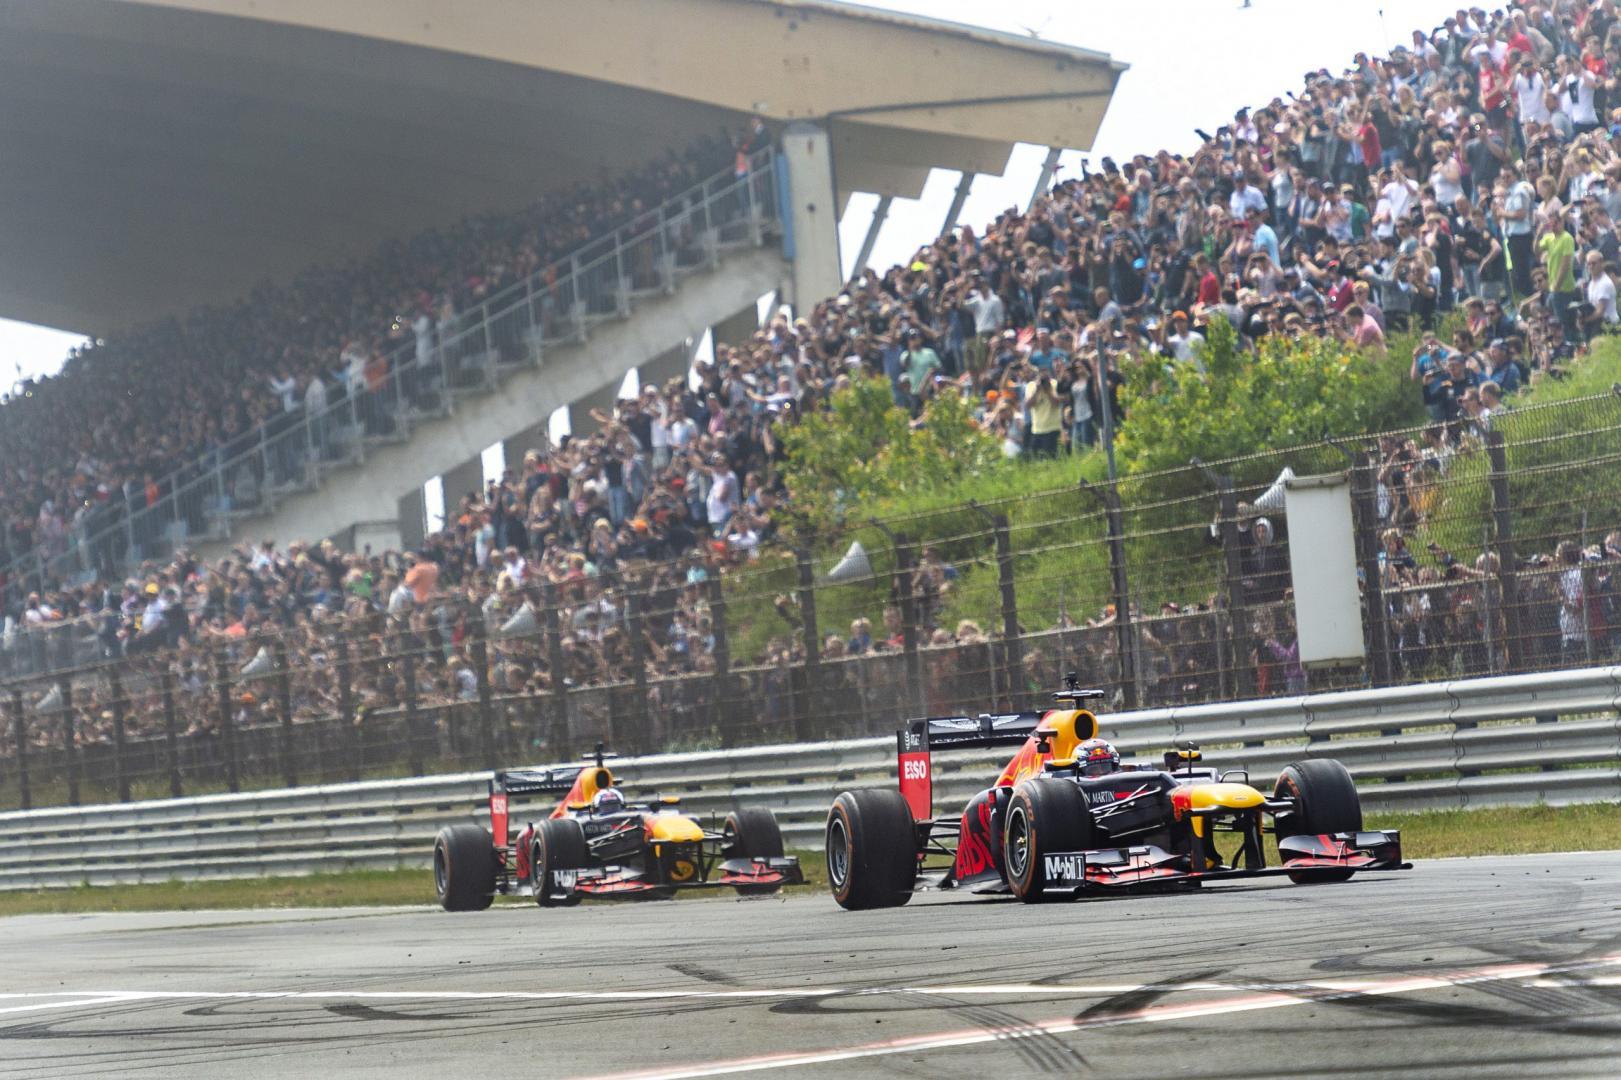 Formule 1 naar Zandvoort